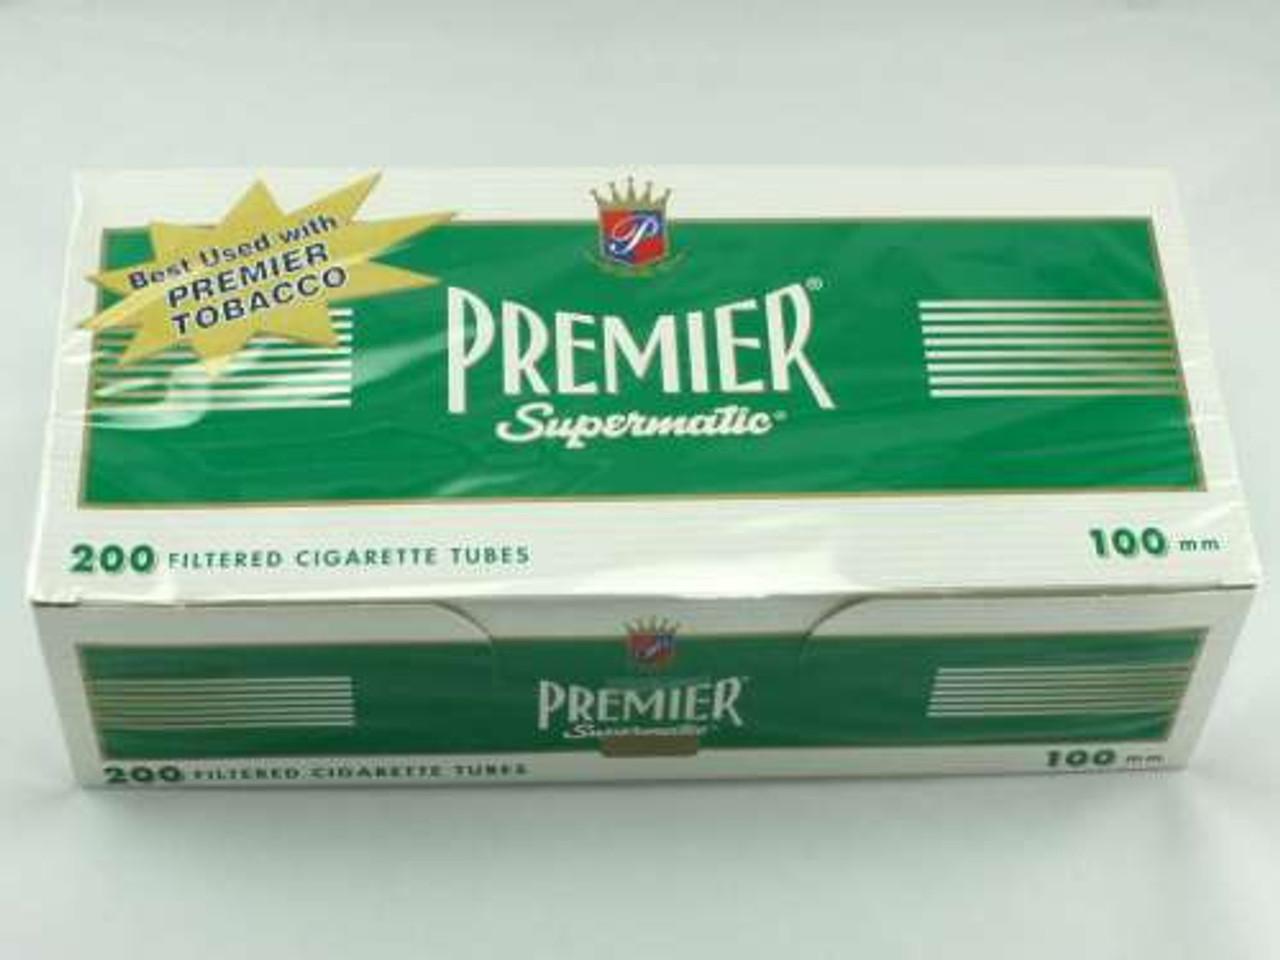 Premier Menthol 100's Cigarette Tubes